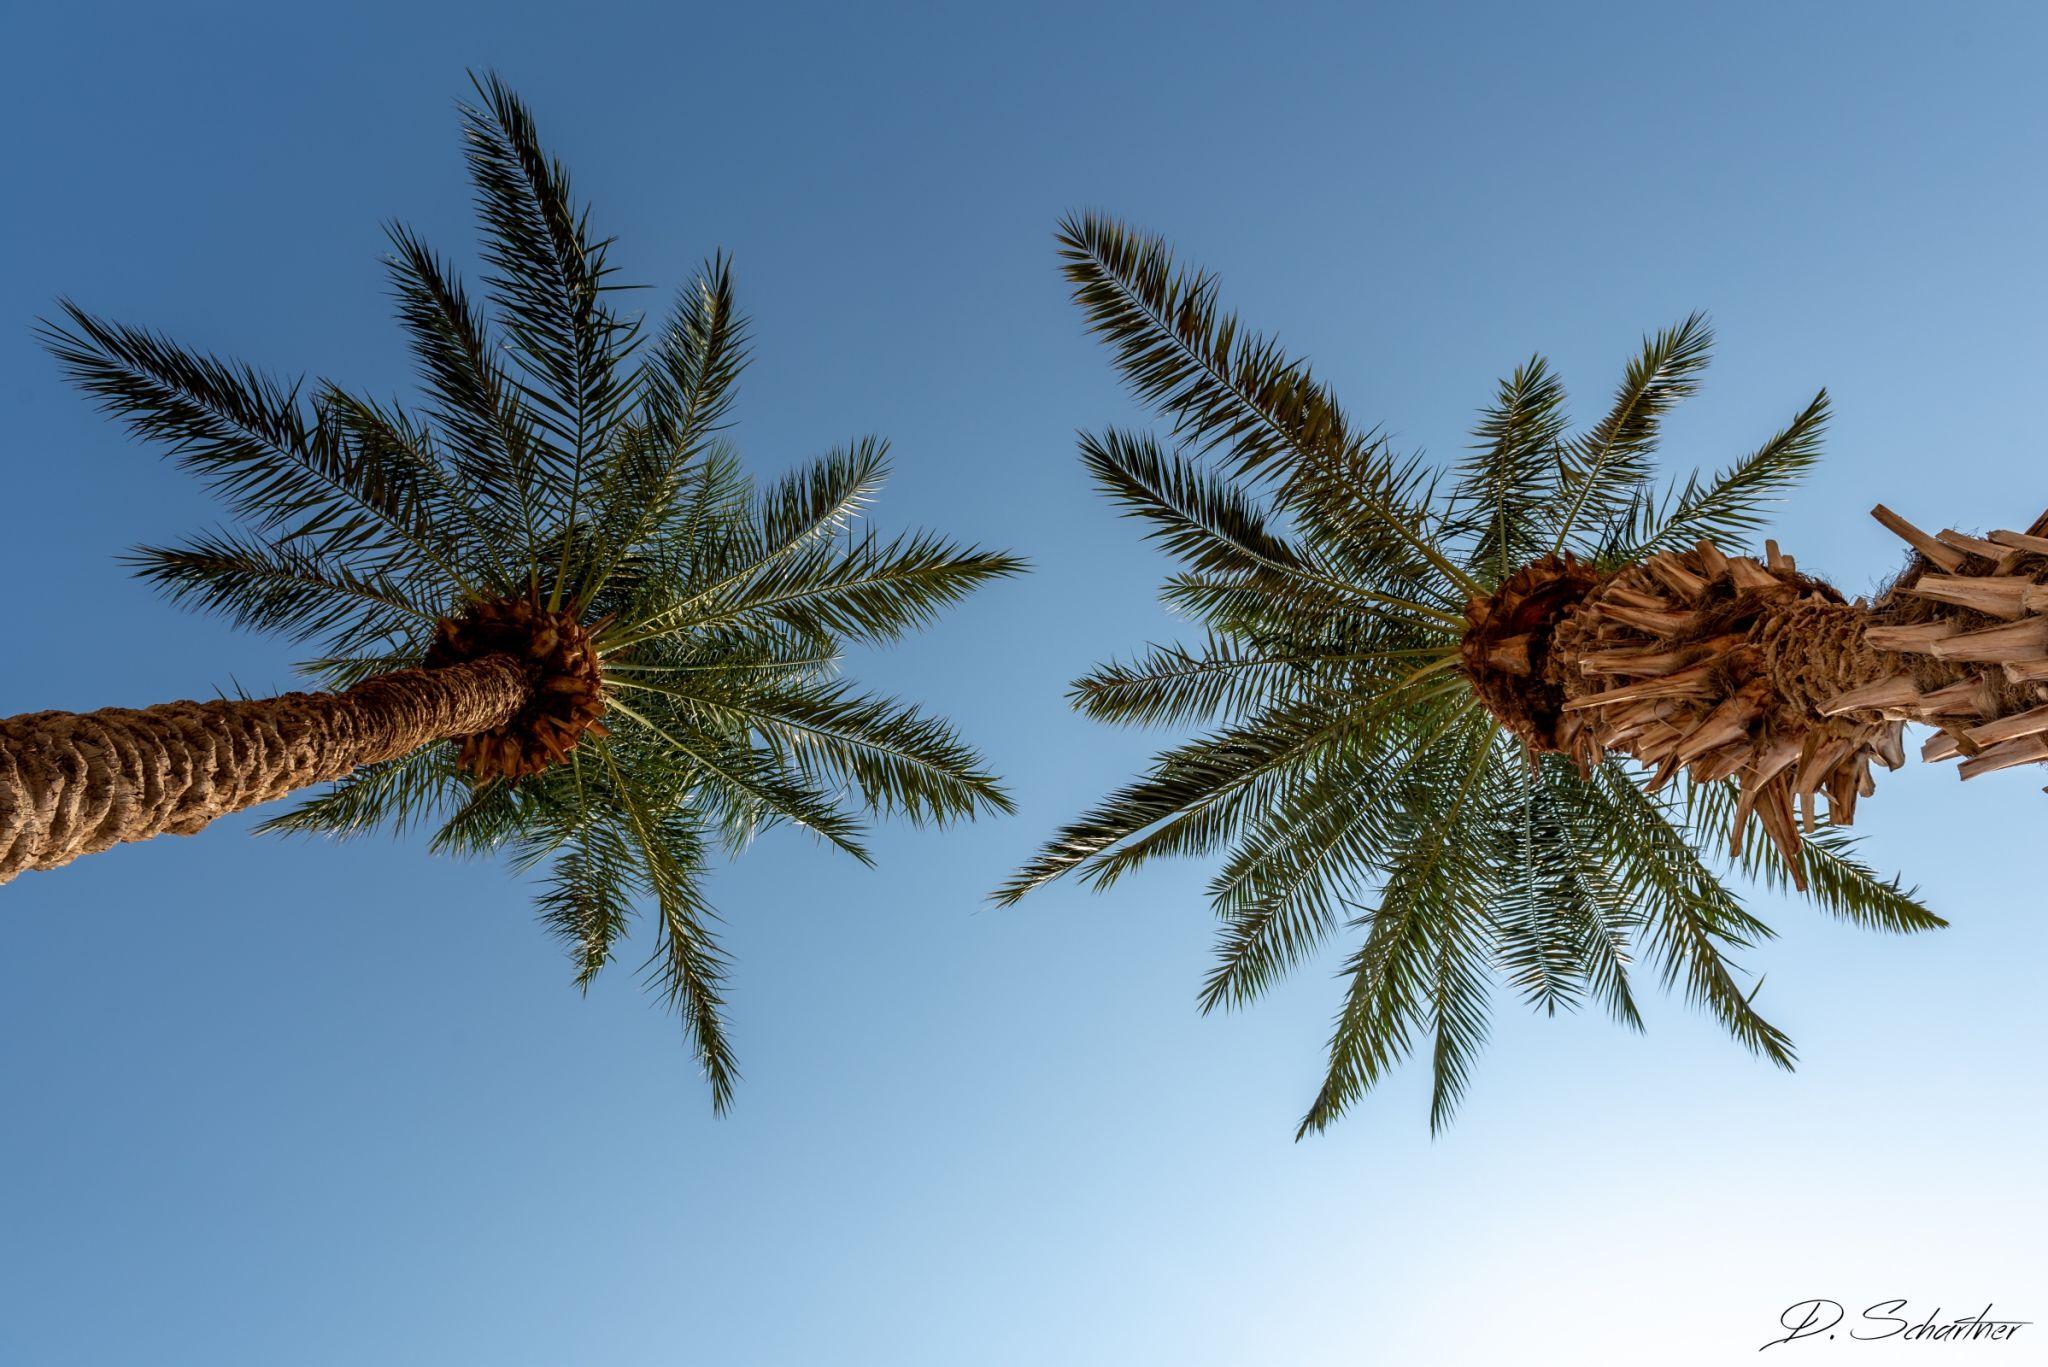 between 2 palm trees, Israel